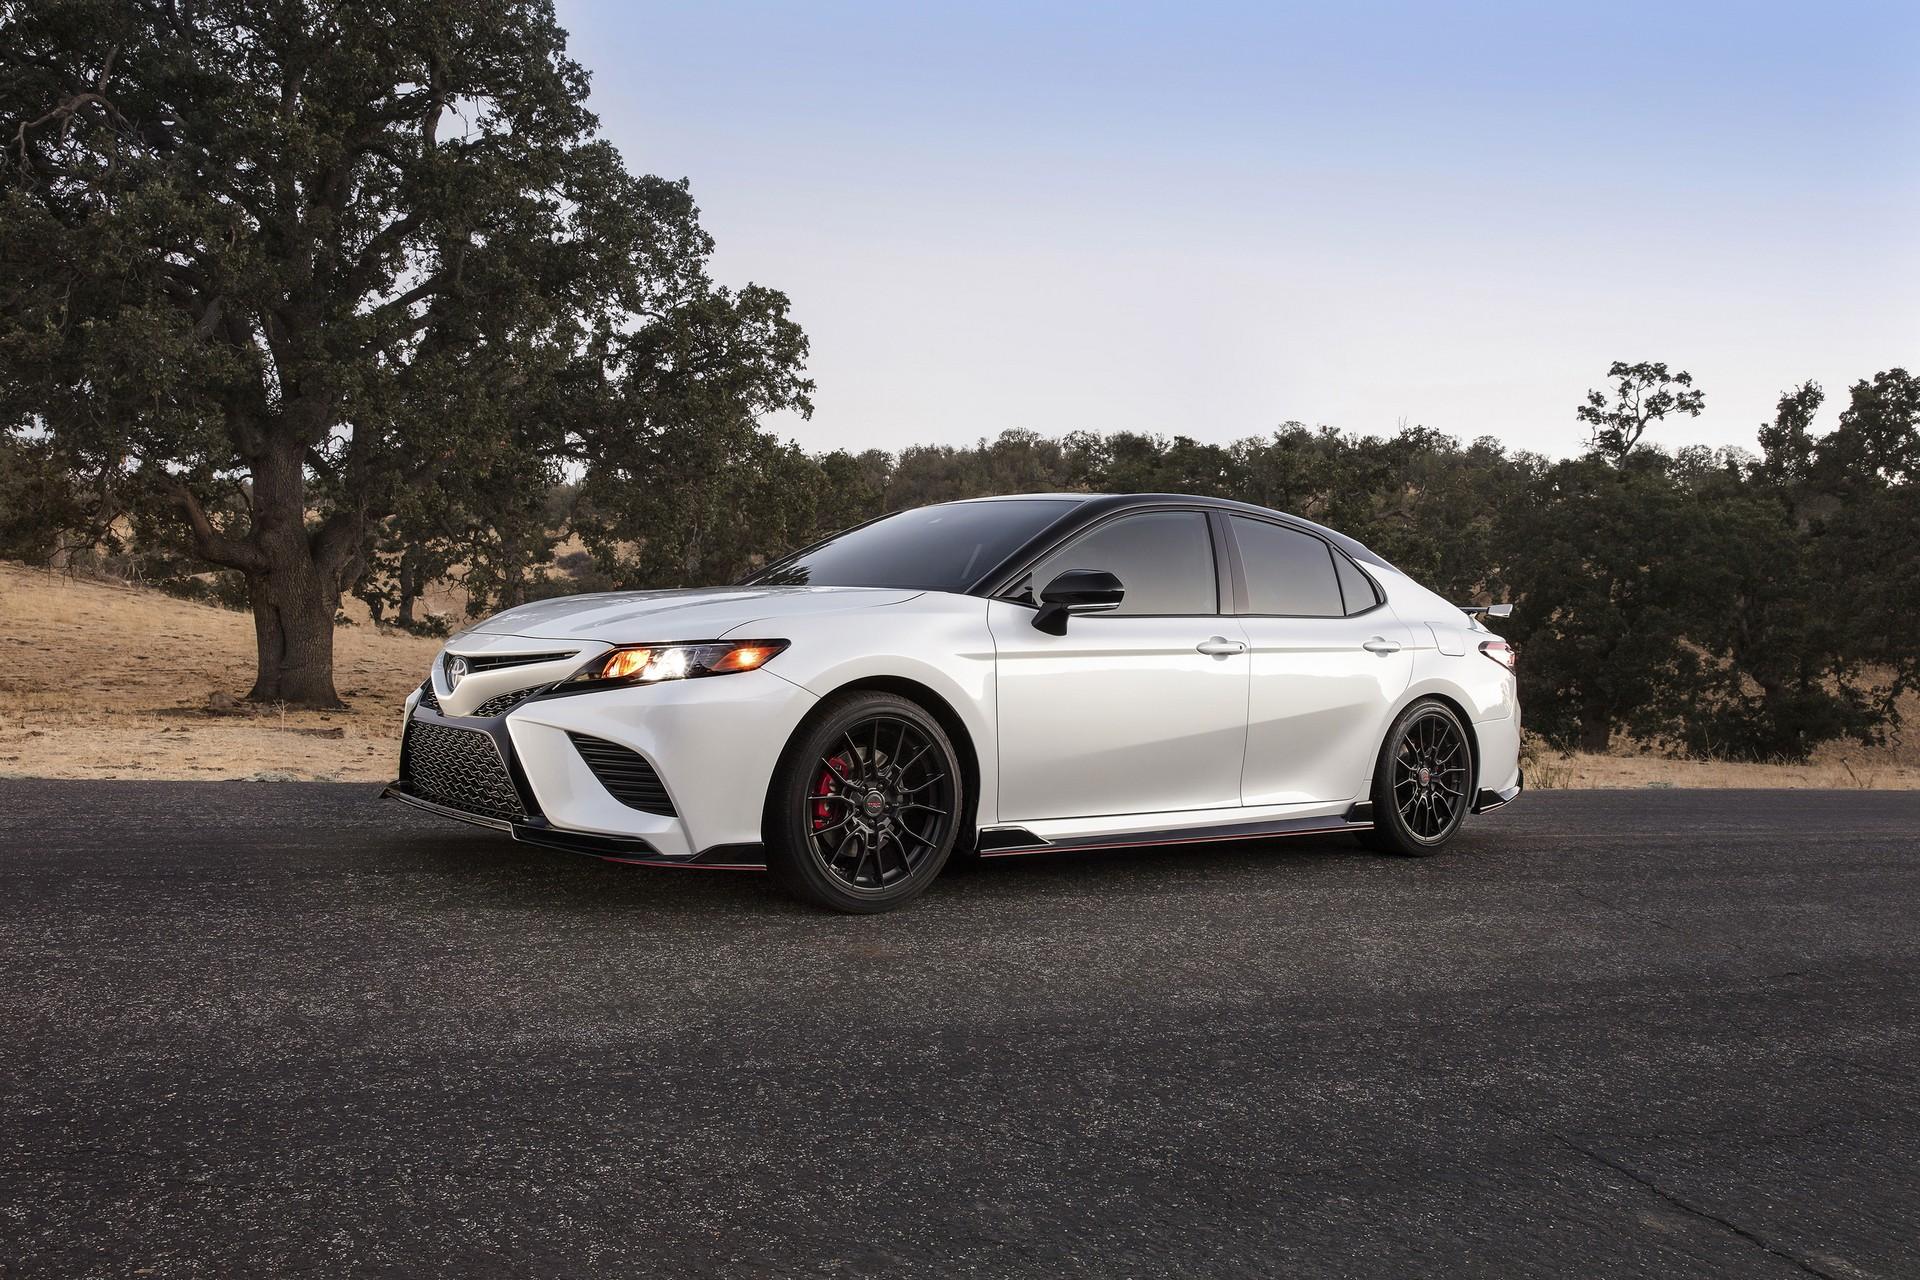 Toyota Camry TRD 2020 ทรงสปอร์ตเตรียมเปิดตัวปลายปีนี้ที่อเมริกา 1